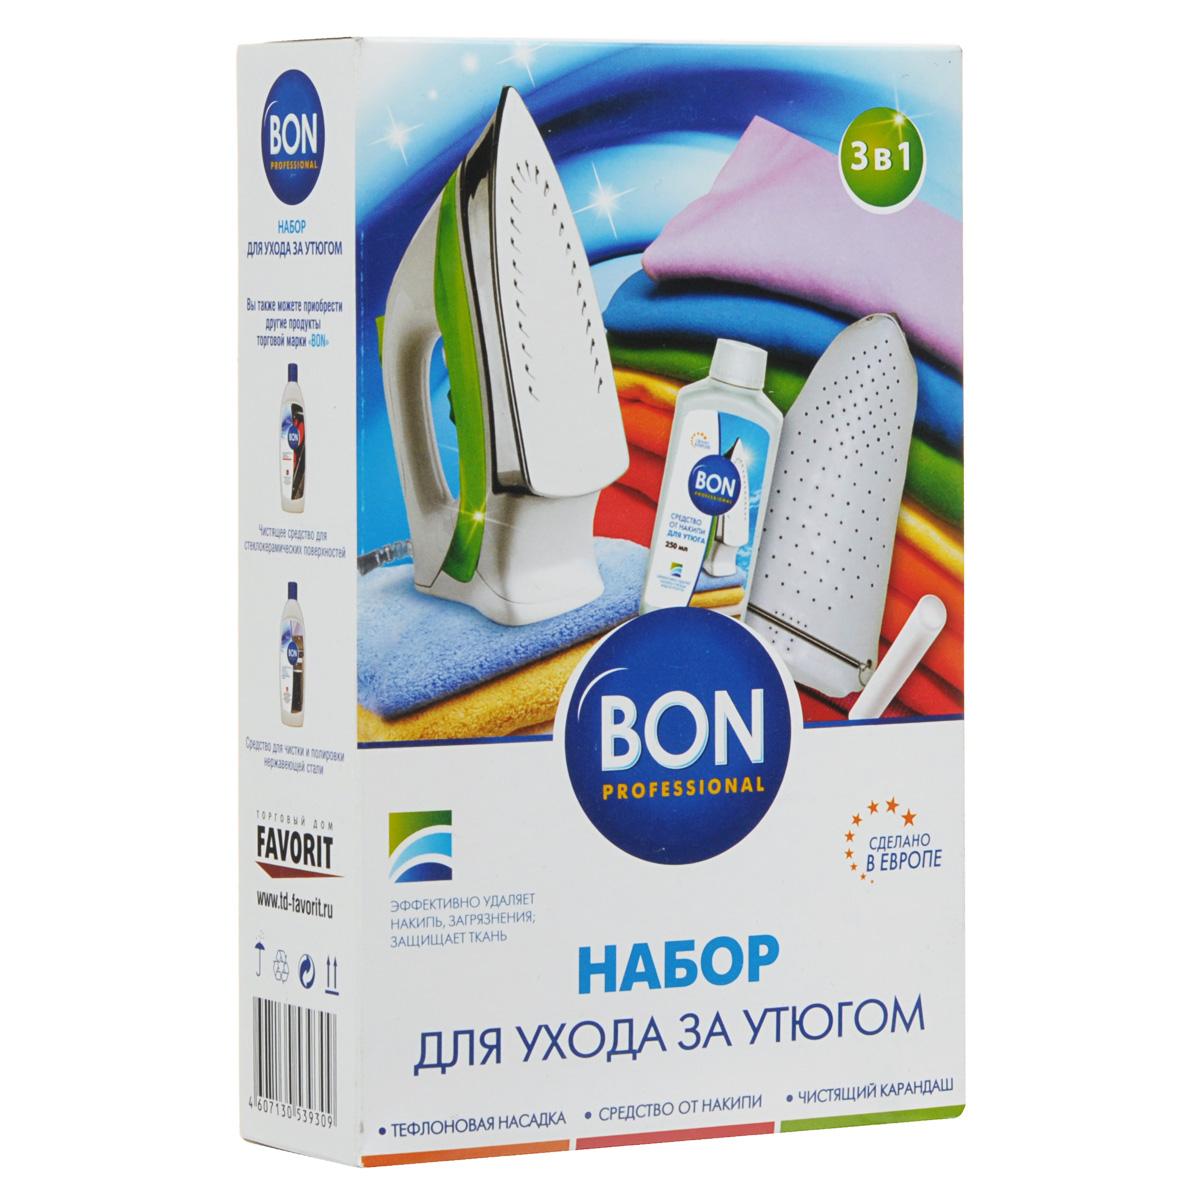 Набор для ухода за утюгом и деликатными тканями Bon, 3 предметаBN-1011Набор для ухода за утюгом и деликатными тканями Bon состоит из тефлоновой насадки, чистящего карандаша и средства от накипи. Тефлоновая насадка подходит для всех типов утюгов, защищает шелковые, синтетические, шерстяные и другие виды деликатных тканей от пятен и накипи от отпаривания. Защищает подошву утюга от загрязнений и механических повреждений, царапин от металлической фурнитуры, облегчает процесс глажения. Чистящий карандаш очищает подошву утюга от загрязнений, не царапает поверхность, улучшает скольжение ткани. Подходит для всех типов покрытий, незаменим для утюгов с тефлоновой подошвой. Специальное средство от накипи эффективно удаляет накипь и известковые отложения на нагревательных элементах утюгов. Защищает и улучшает их работу. Набор специально разработан для ухода за утюгом. Размер тефлоновой насадки: 24,5 см х 16 см х 0,5 см. Длина чистящего карандаша: 9,5 см. Объем средства от накипи: 250 мл. Состав: 5% неанионные ПАВ,...